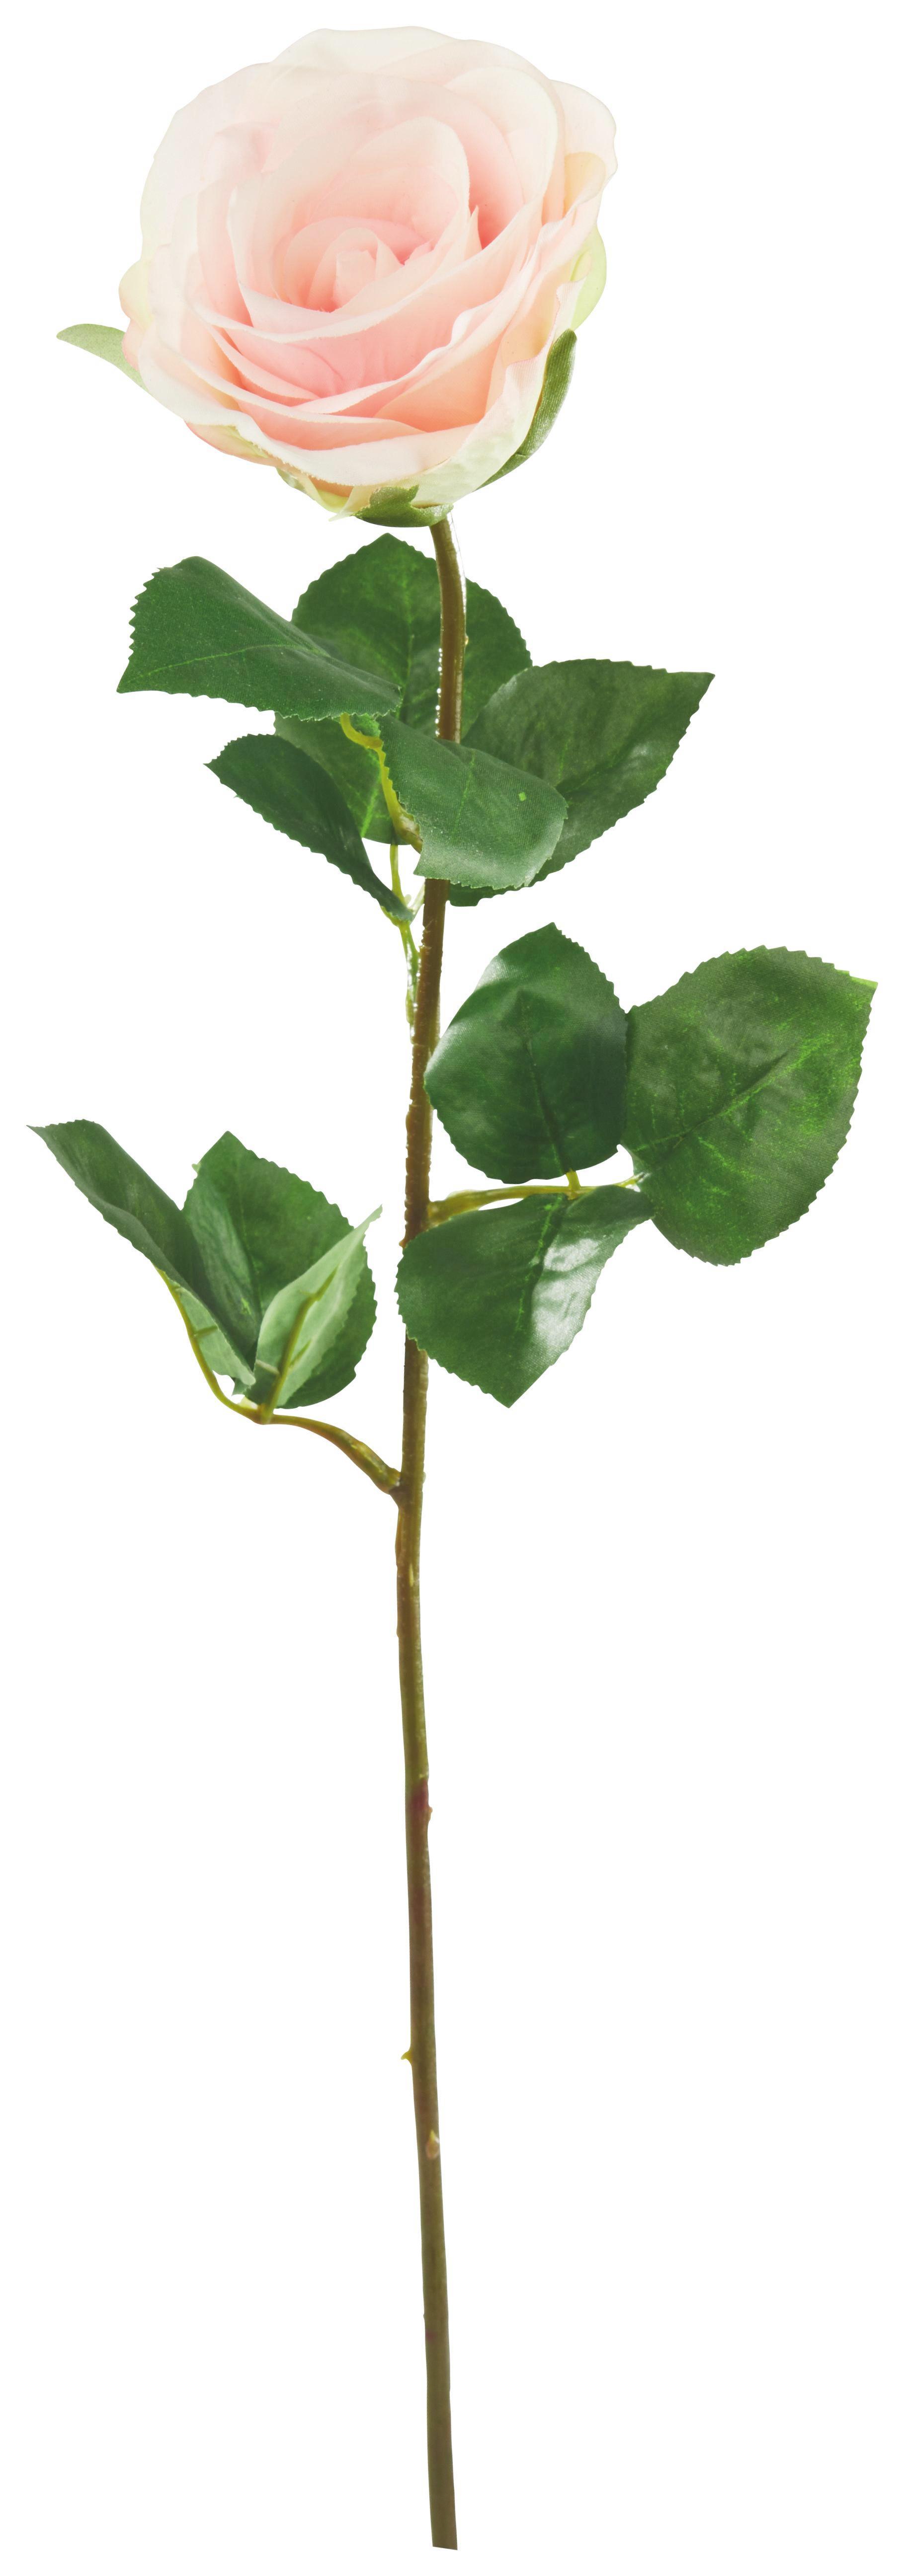 Rózsa Alfred - rózsaszín/zöld, műanyag (69cm) - MÖMAX modern living